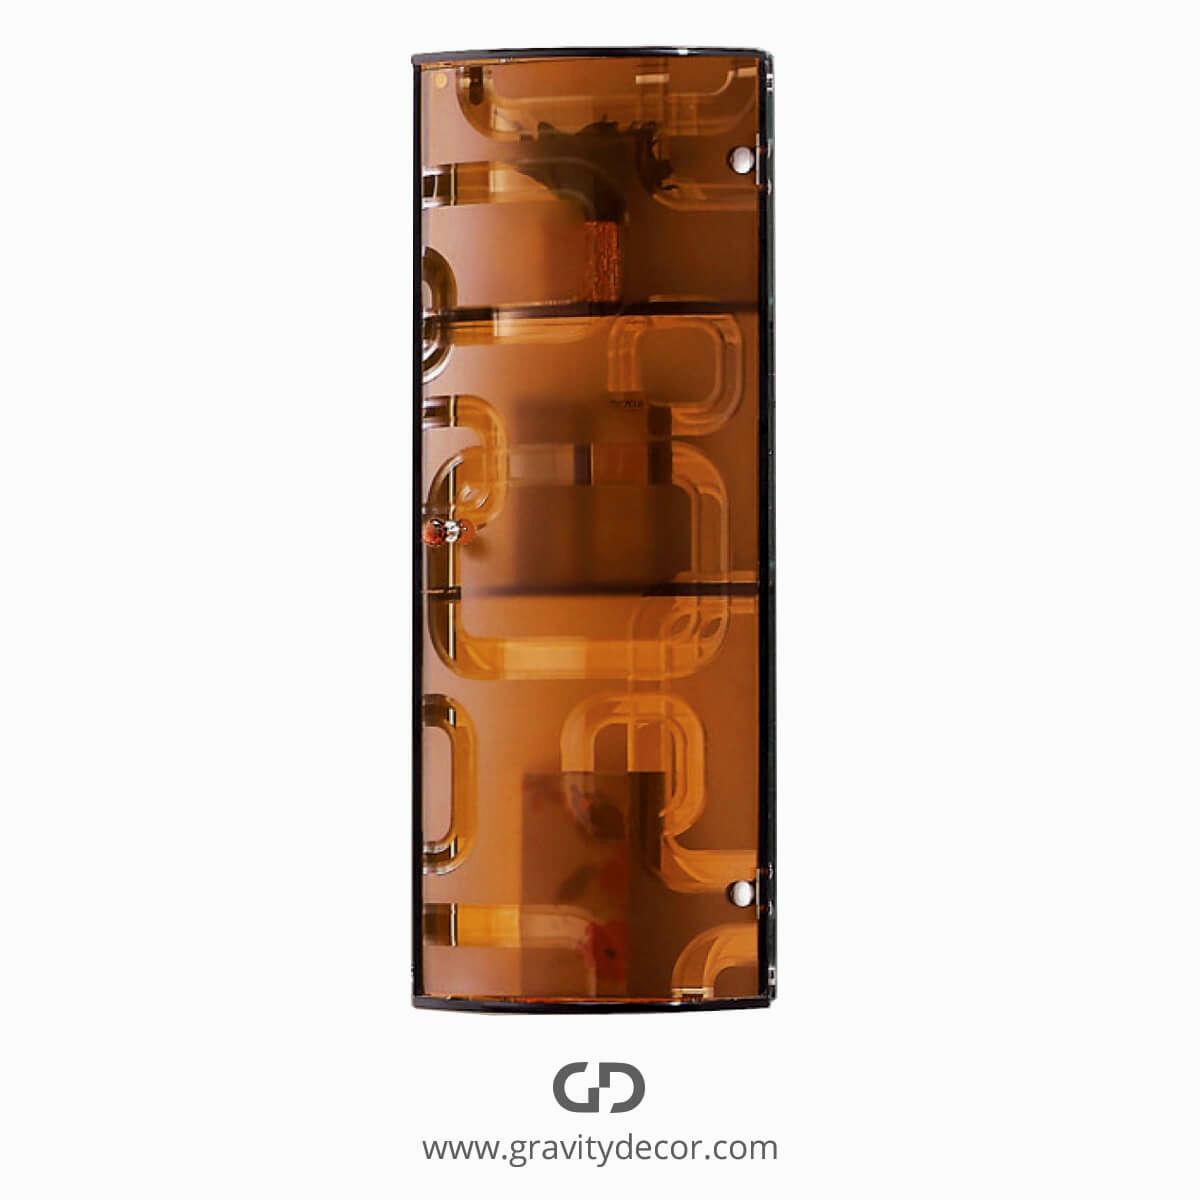 elegant bathroom mirror cabinets décor-Fascinating Bathroom Mirror Cabinets Construction